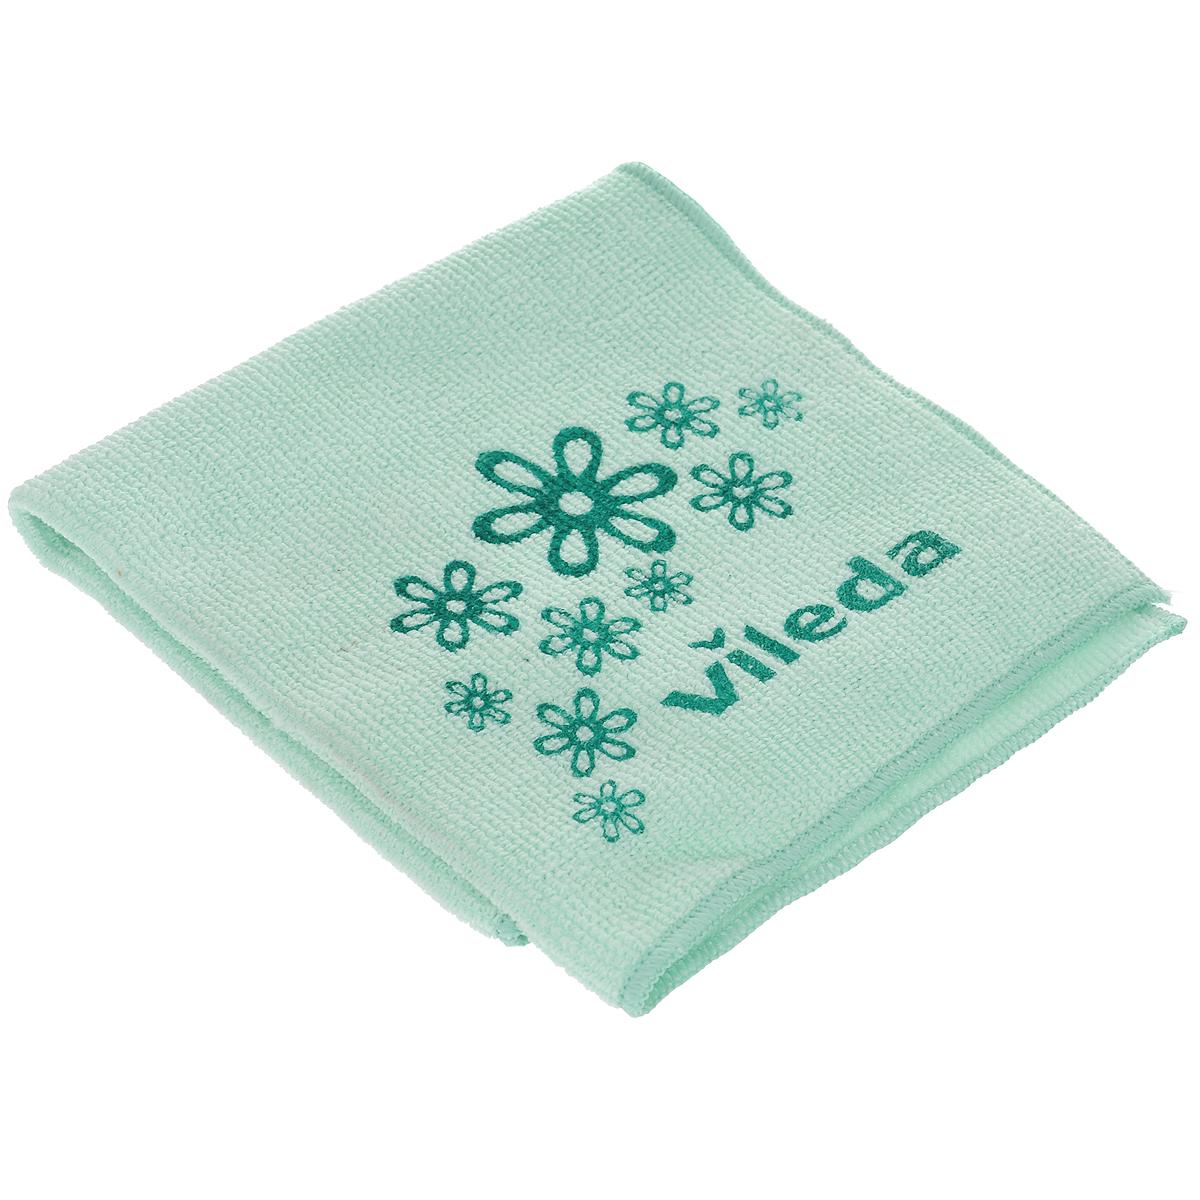 Салфетка универсальная Vileda Микрофибра, цвет: зеленый, 32 х 32 см32110735/138540Универсальная салфетка Vileda Микрофибра предназначена для сухой и влажной уборки. В сухом виде - для удаления пыли, во влажном - для удаления загрязнений и полировки. Она устраняет жир, грязь без следа и разводов. Изделие используется без чистящих средств. Салфетка имеет абразивный рисунок для безопасного удаления застарелых загрязнений.Размер: 32 см х 32 см.